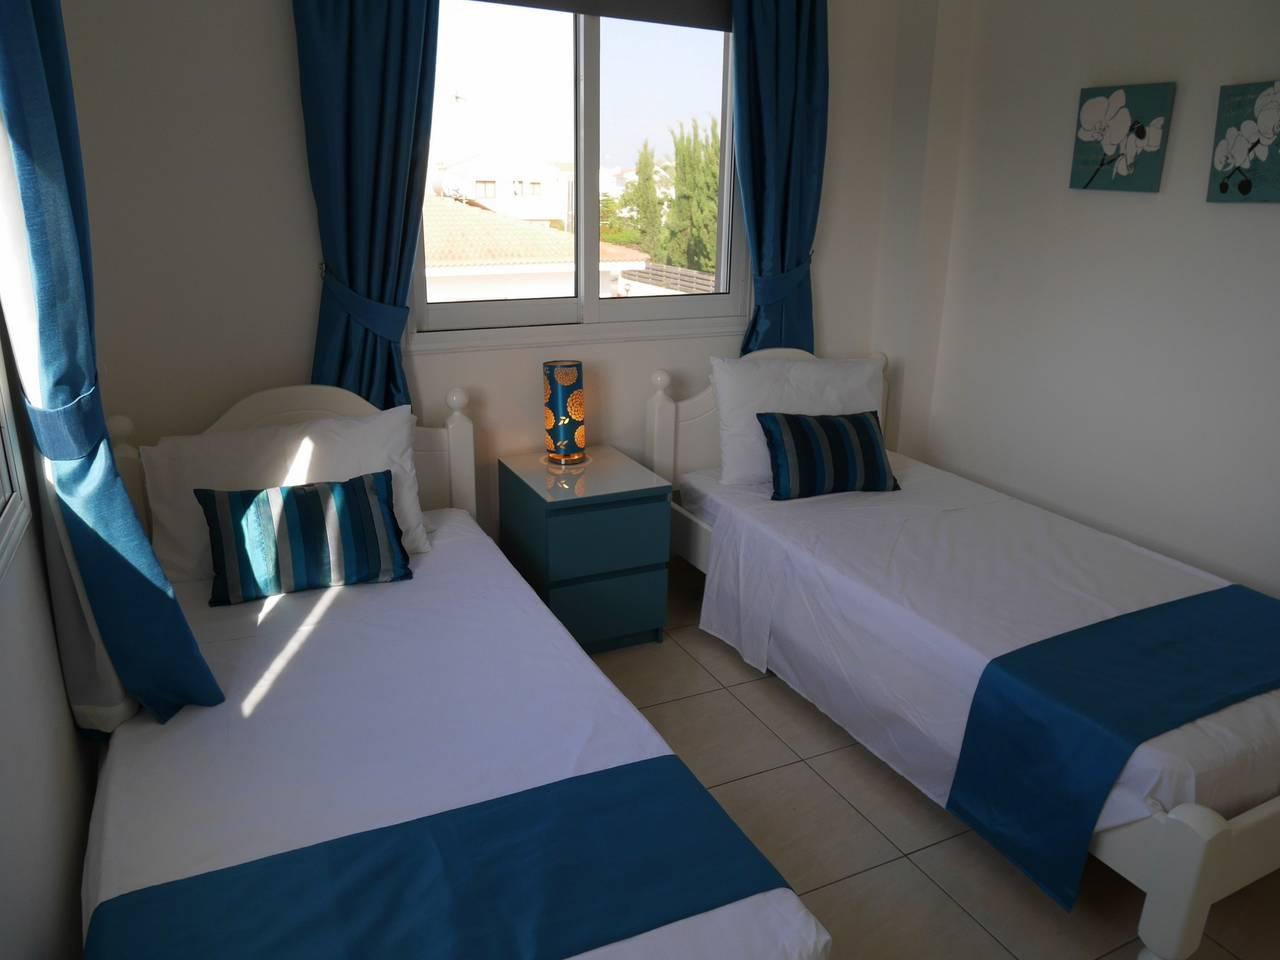 Apartment Villa Mon - 2 Bedroom Villa with Private Pool photo 18419822